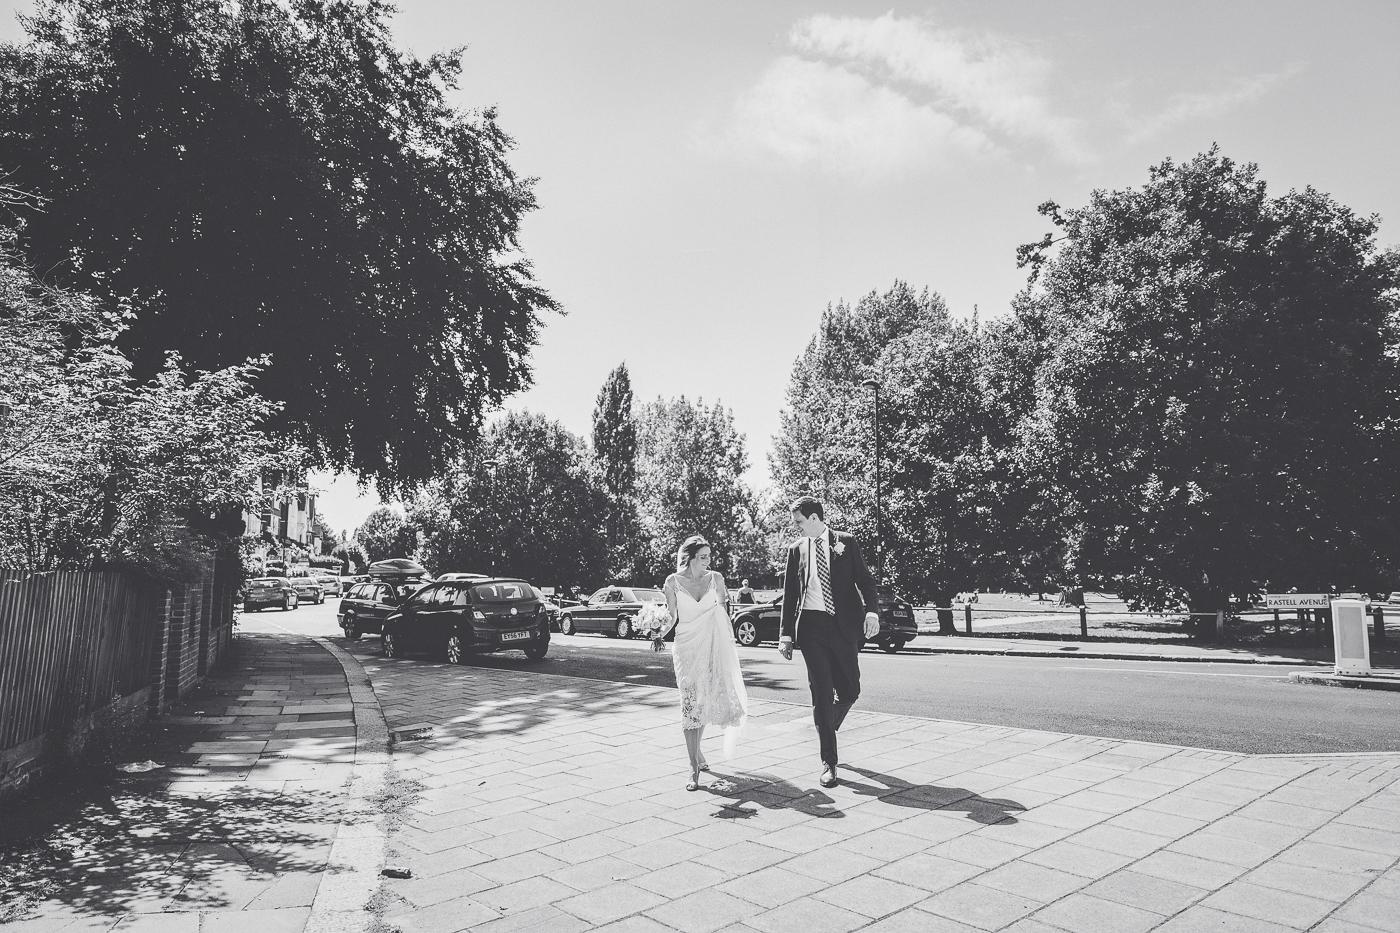 london-wedding-photographer-50.jpg